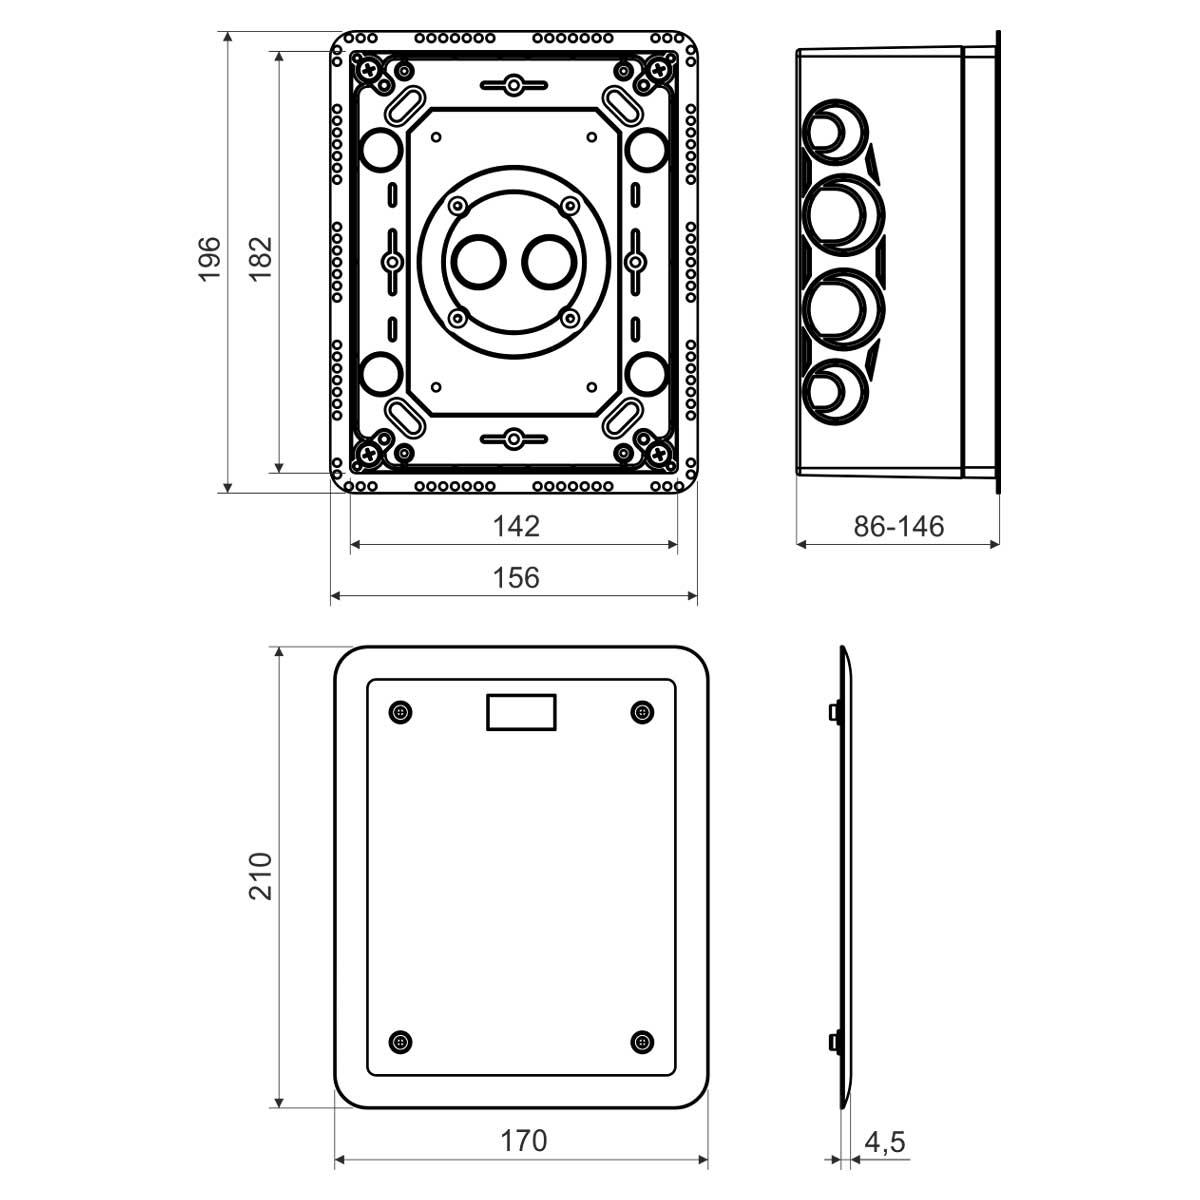 4762fa5d7 Použitie ako rozvodná krabica, pre meriacu svorku hromozvodu a iné  aplikácie podľa zákazníka. Nastaviteľná hĺbka krabice.